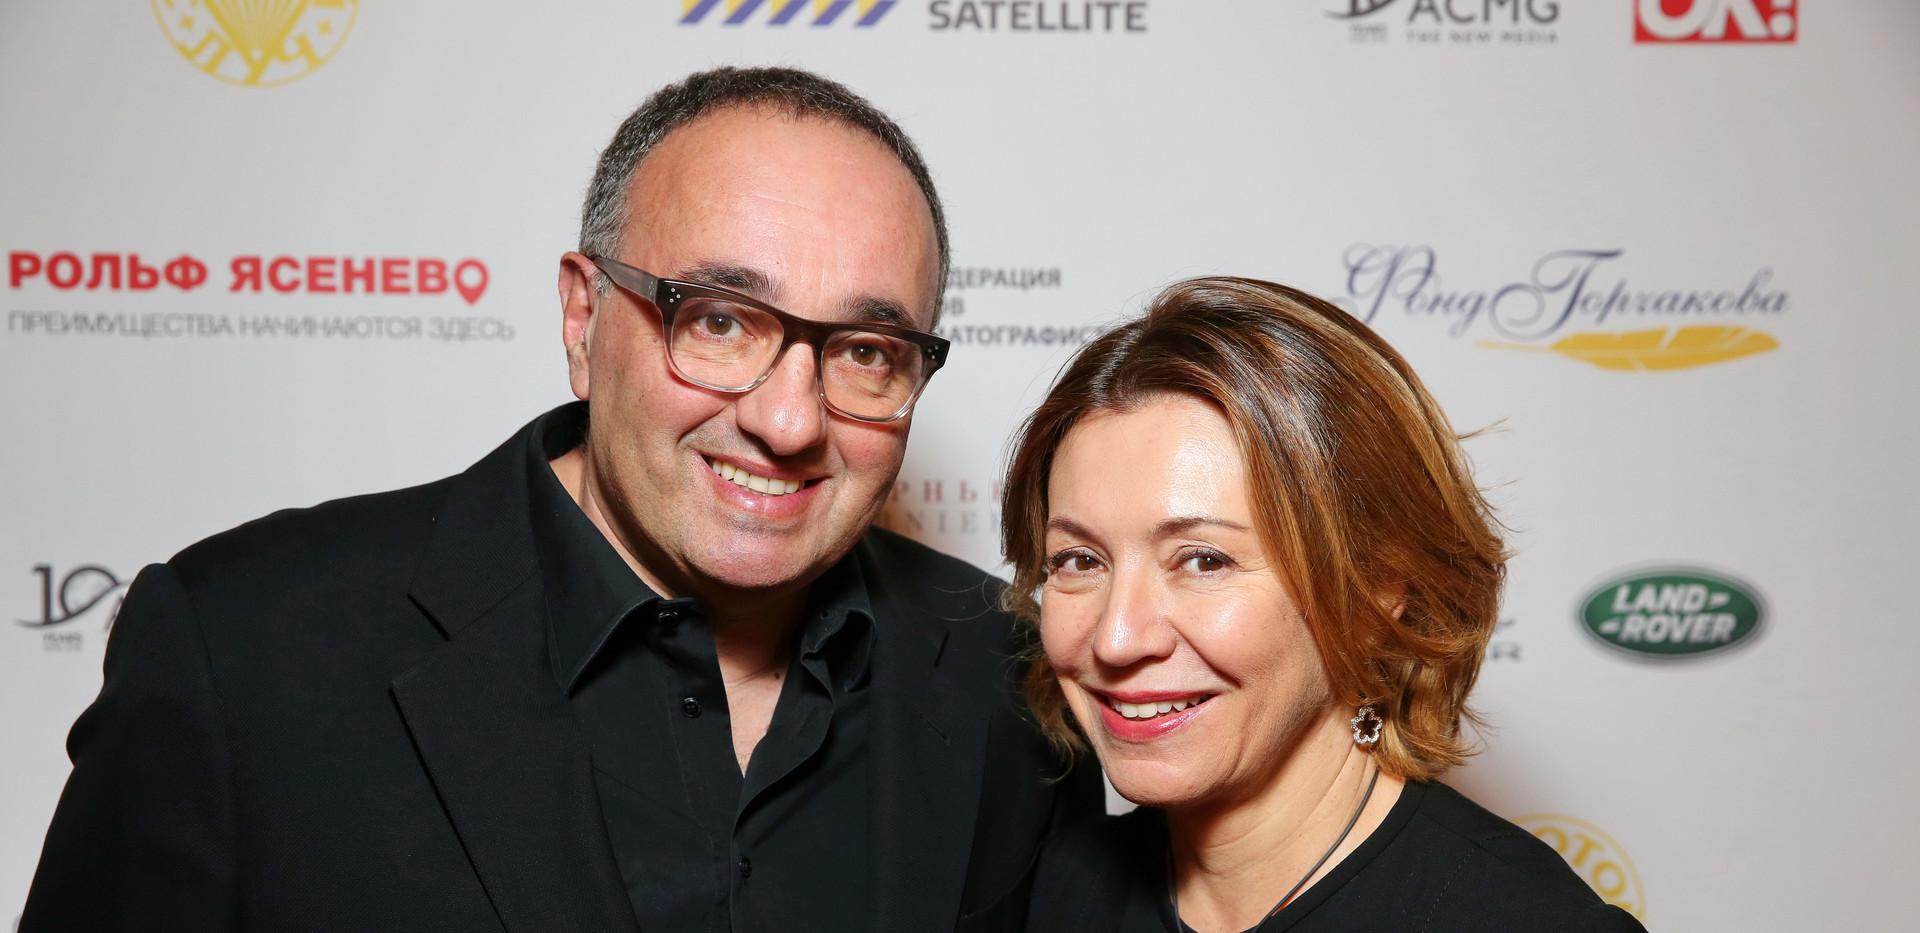 Александр Роднянский с супругой.JPG